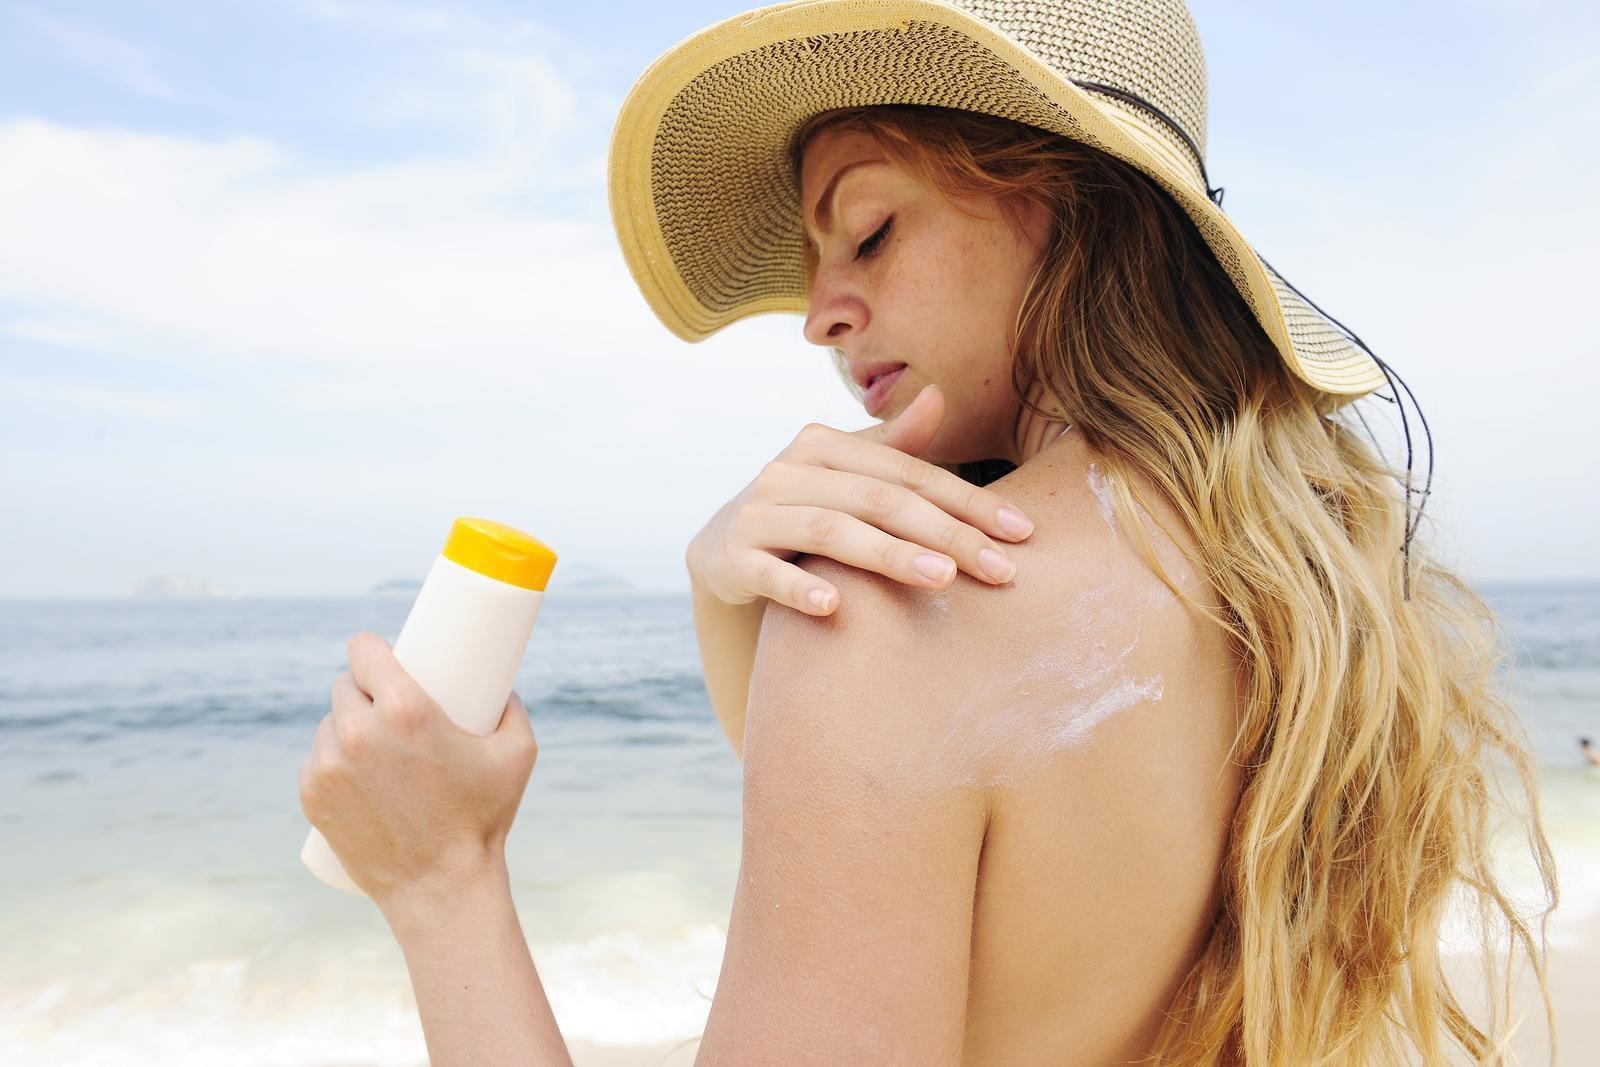 Tác dụng của kem chống nắng trong quá trình bảo vệ da - Ảnh: Bikipdepxinh.com